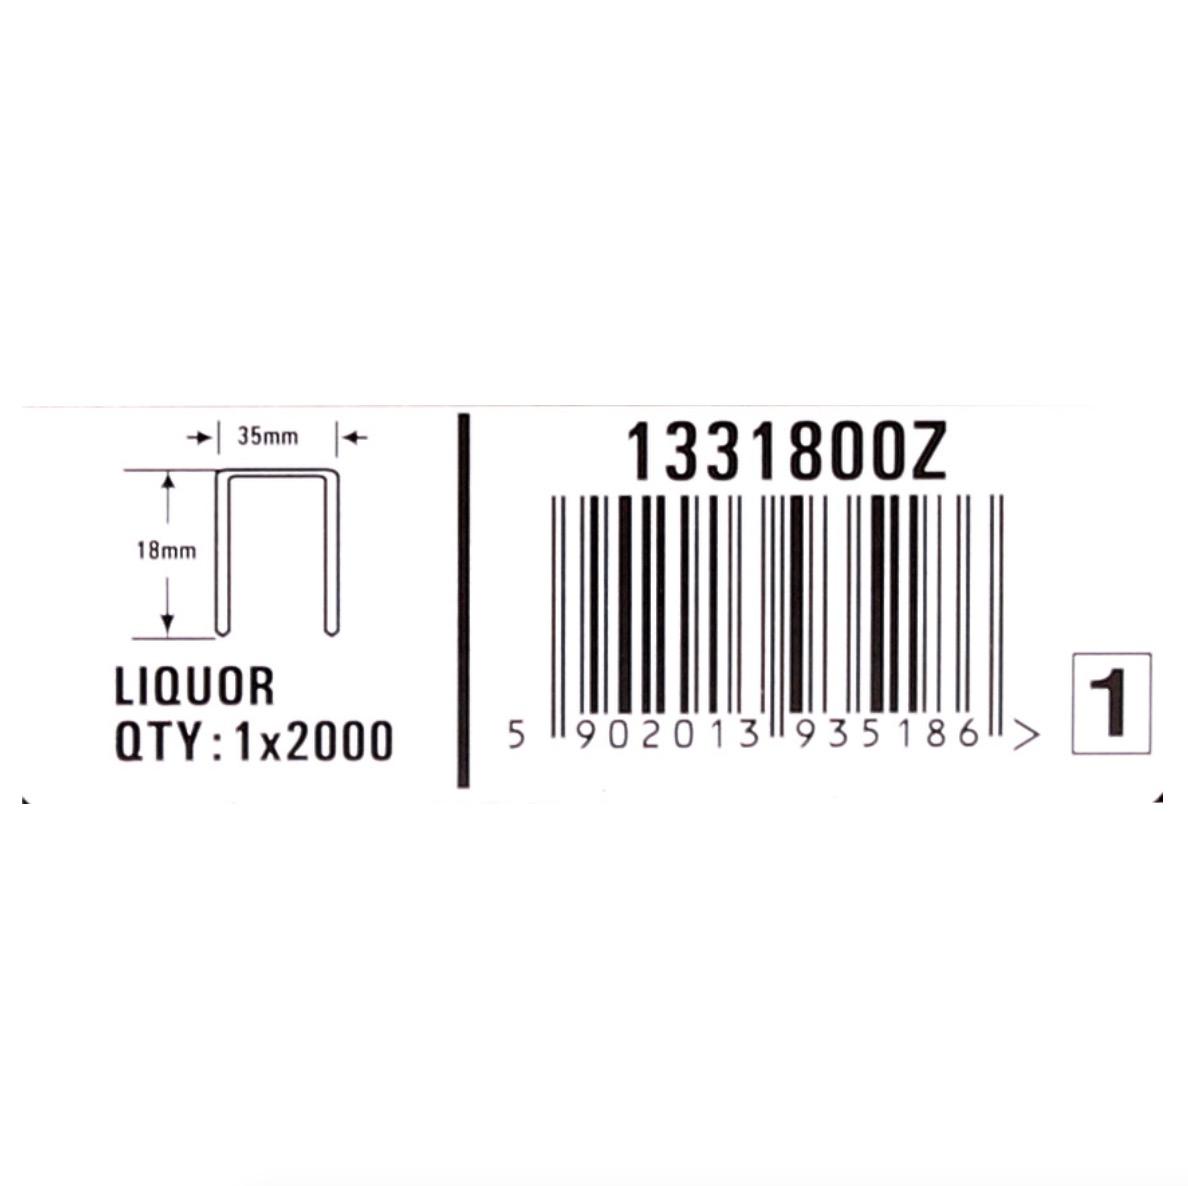 Bostitch Karton Klammern 18 Mm Liquor Stk Fur Dsa